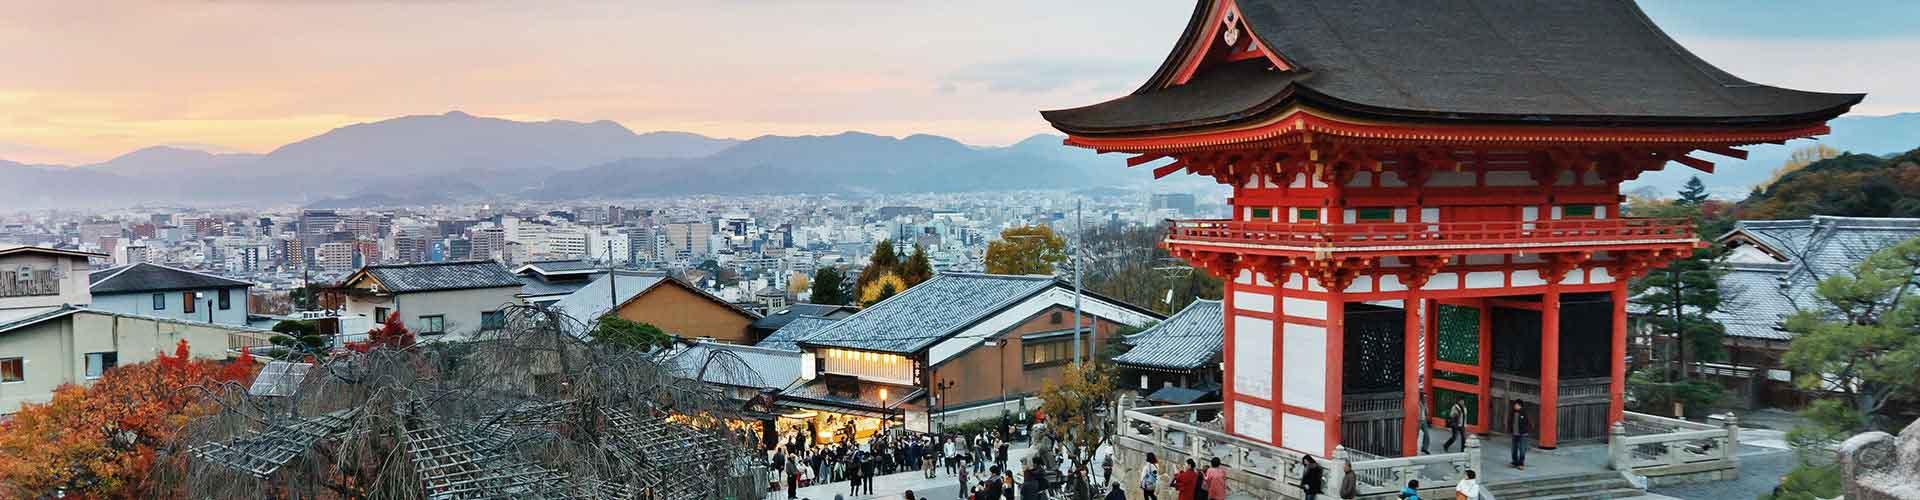 Kyoto - Campamentos en Kyoto. Mapas de Kyoto, Fotos y comentarios de cada Campamento en Kyoto.